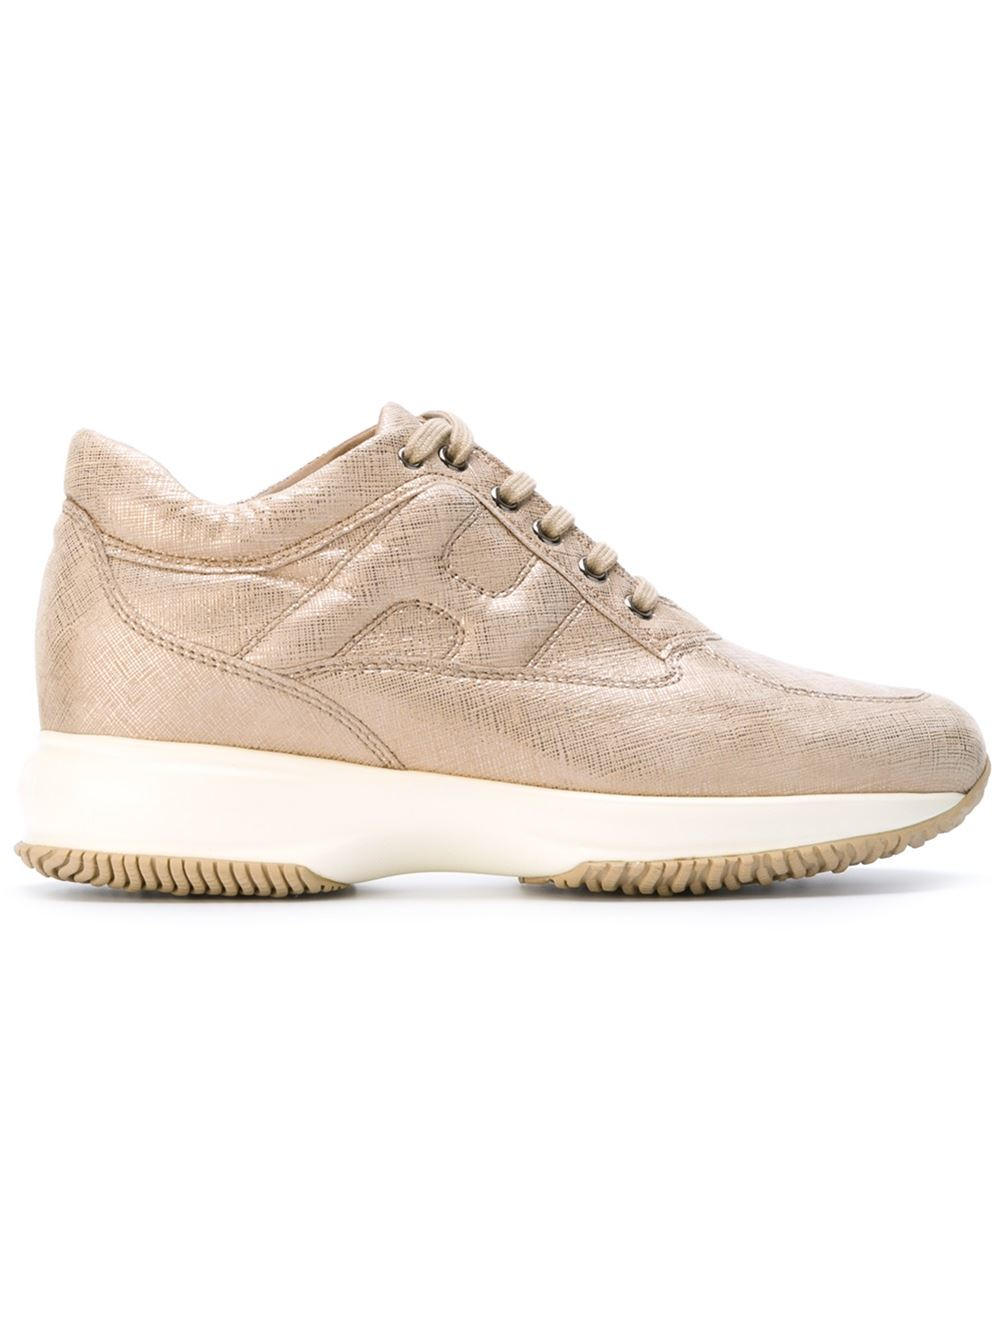 Hogan Sneakers Beige uO2xwAiR62